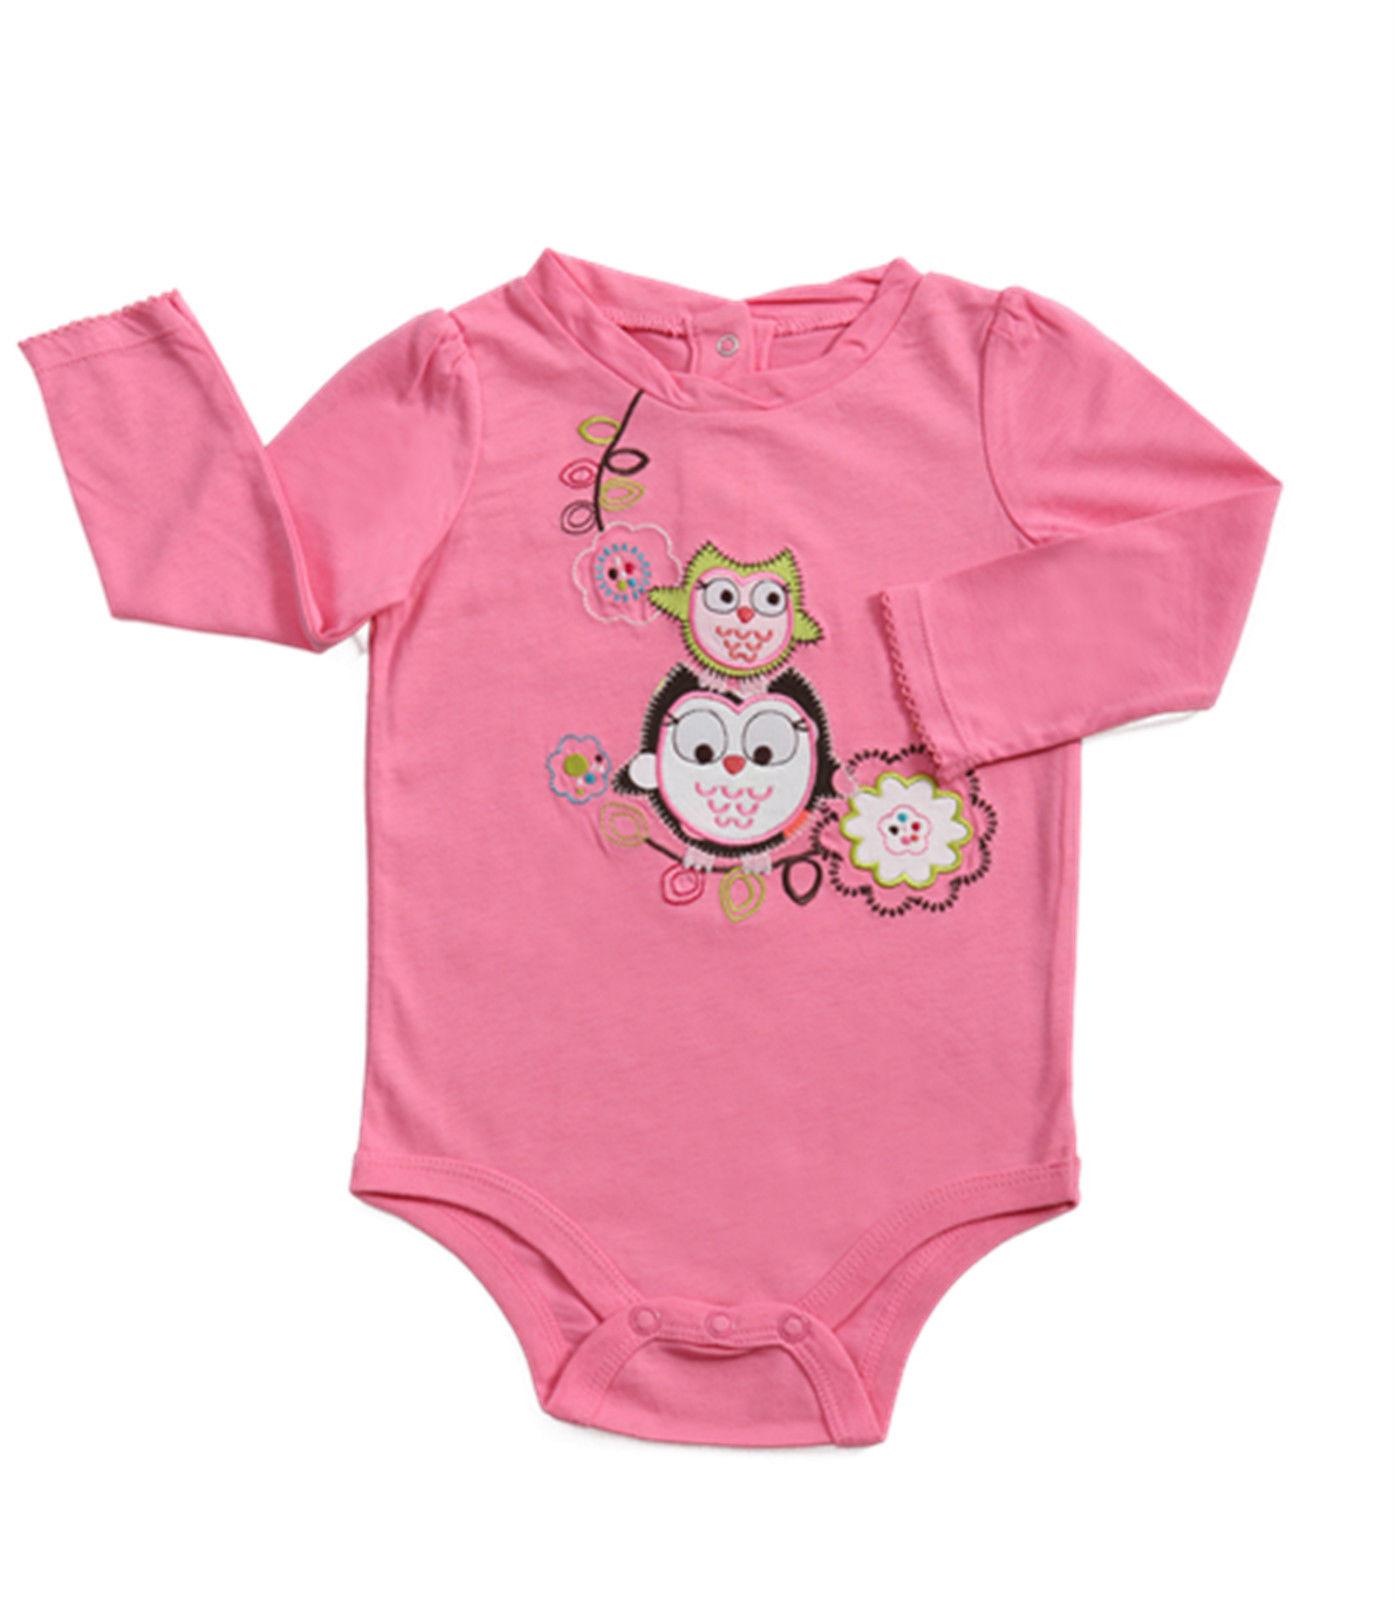 Unique baby clothes online